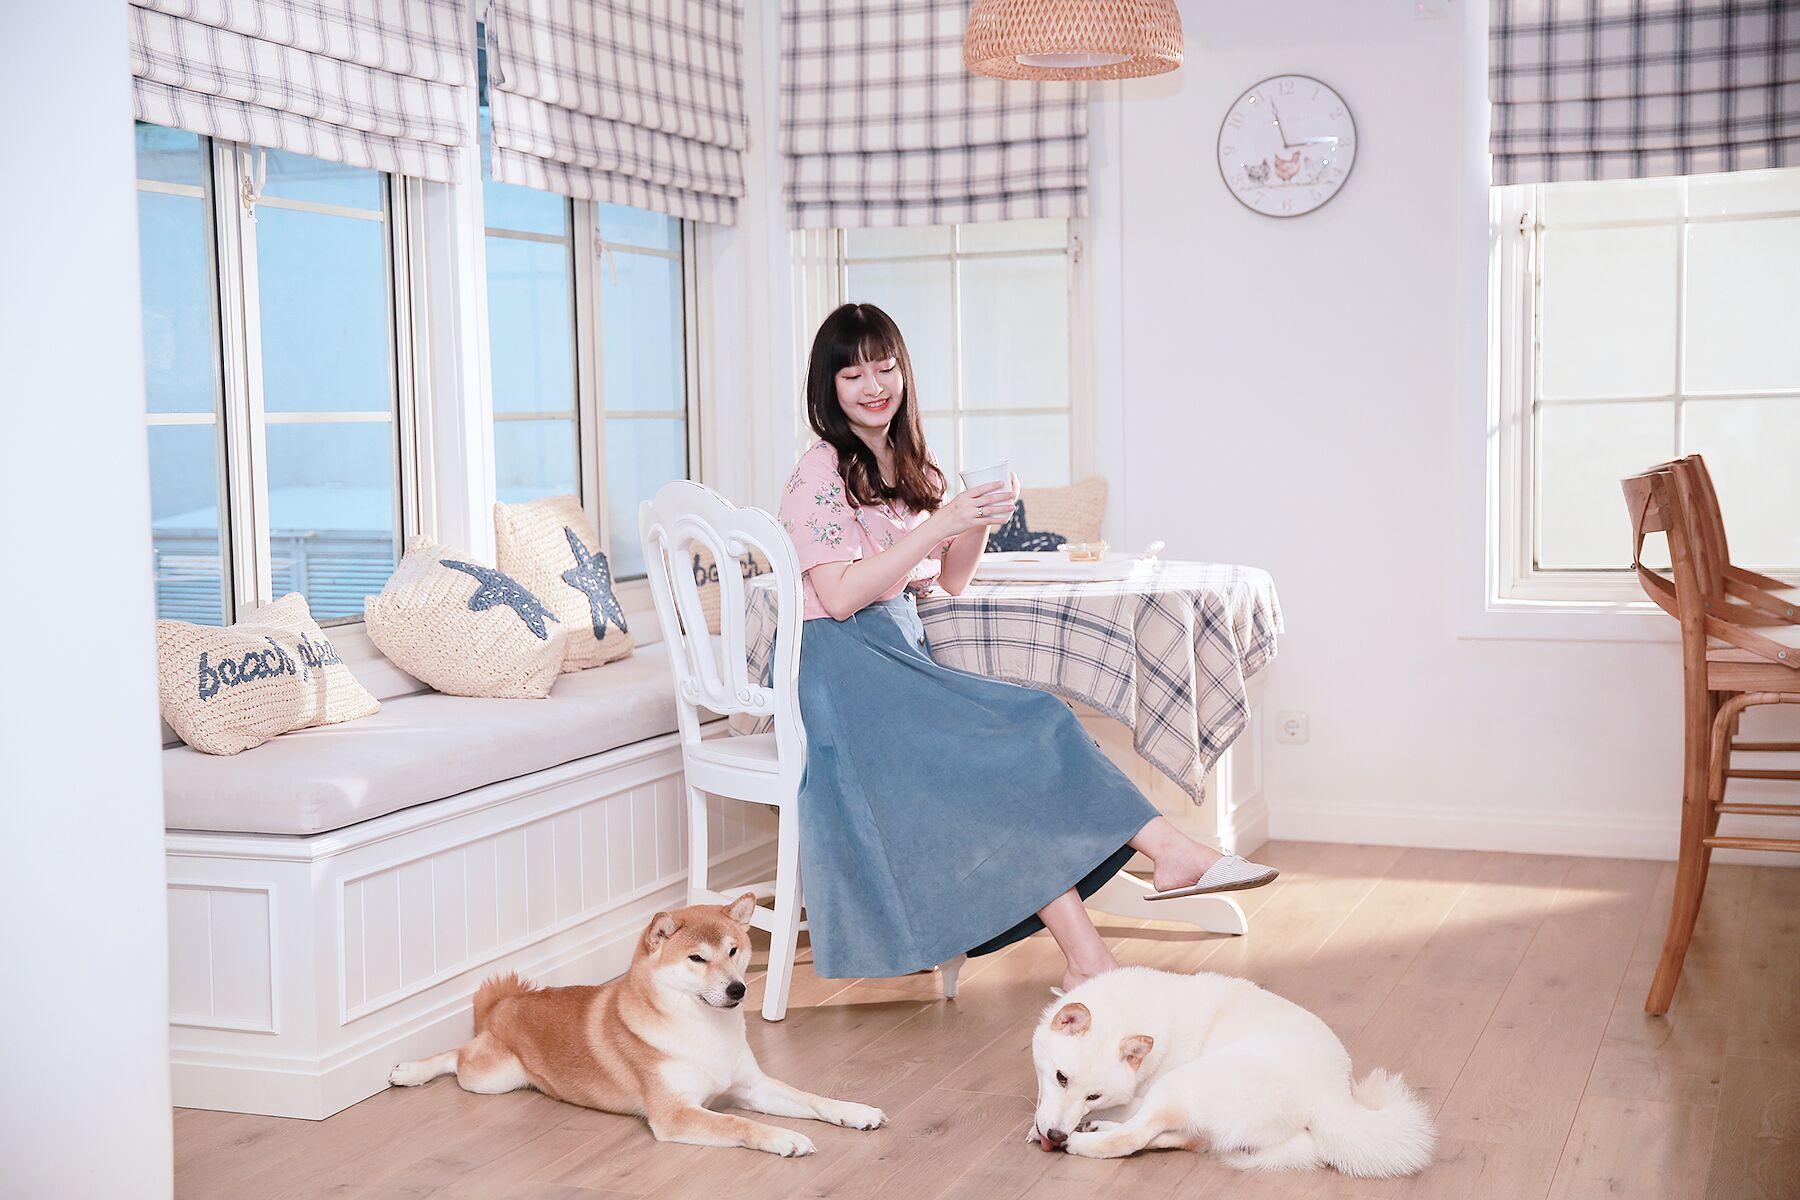 Ruang Makan Sederhana Nan Cantik di Pojok Dapur - Desain Rumah American Style Milik Vannesa Andrea